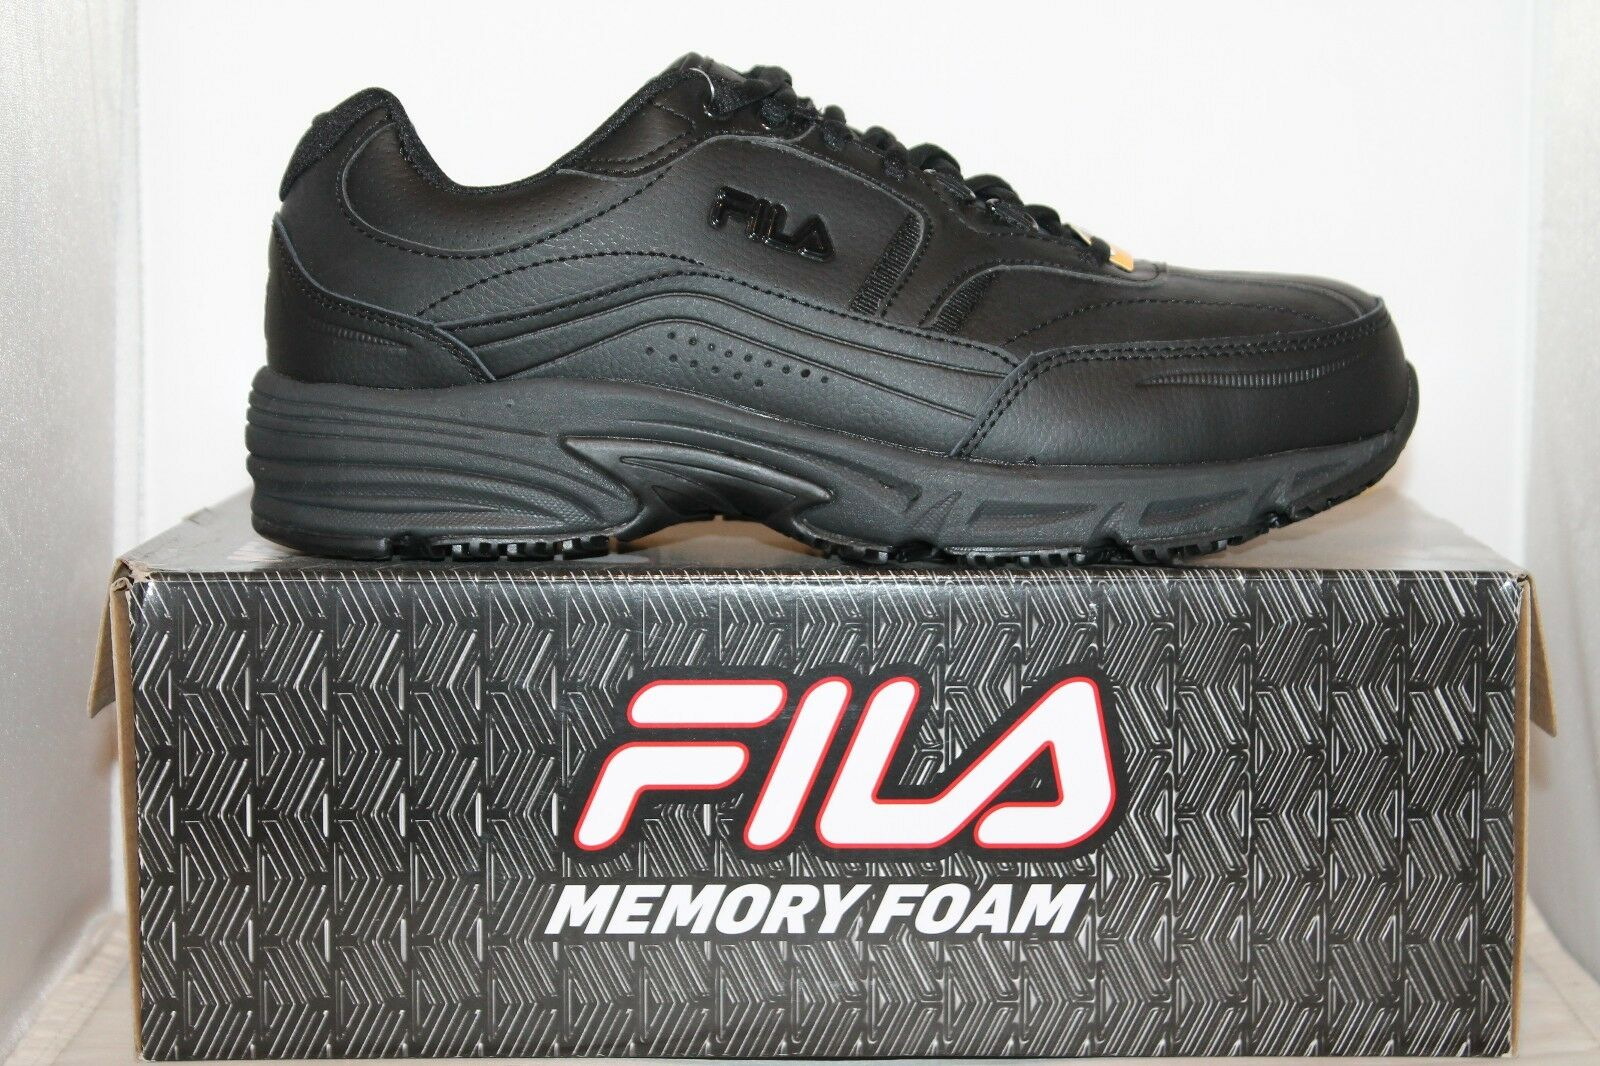 Mens Fila Memory Foam Workshift STEEL